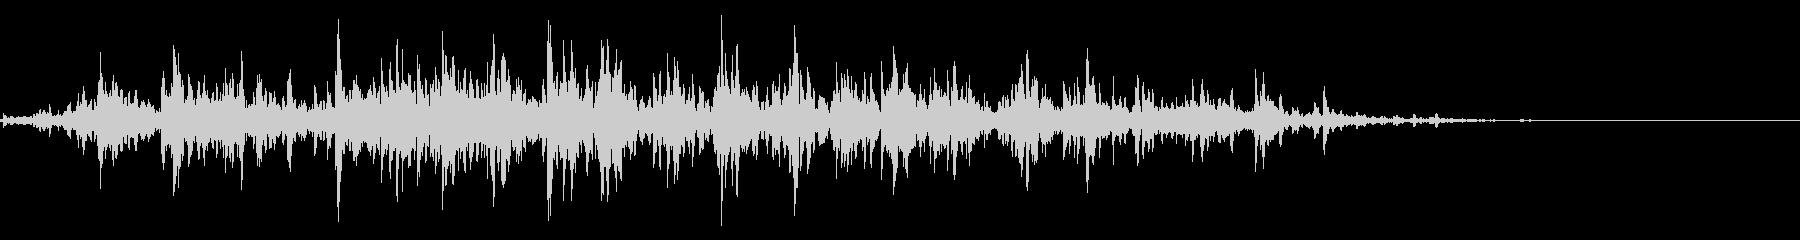 シャラシャラ(鈴の音)01の未再生の波形